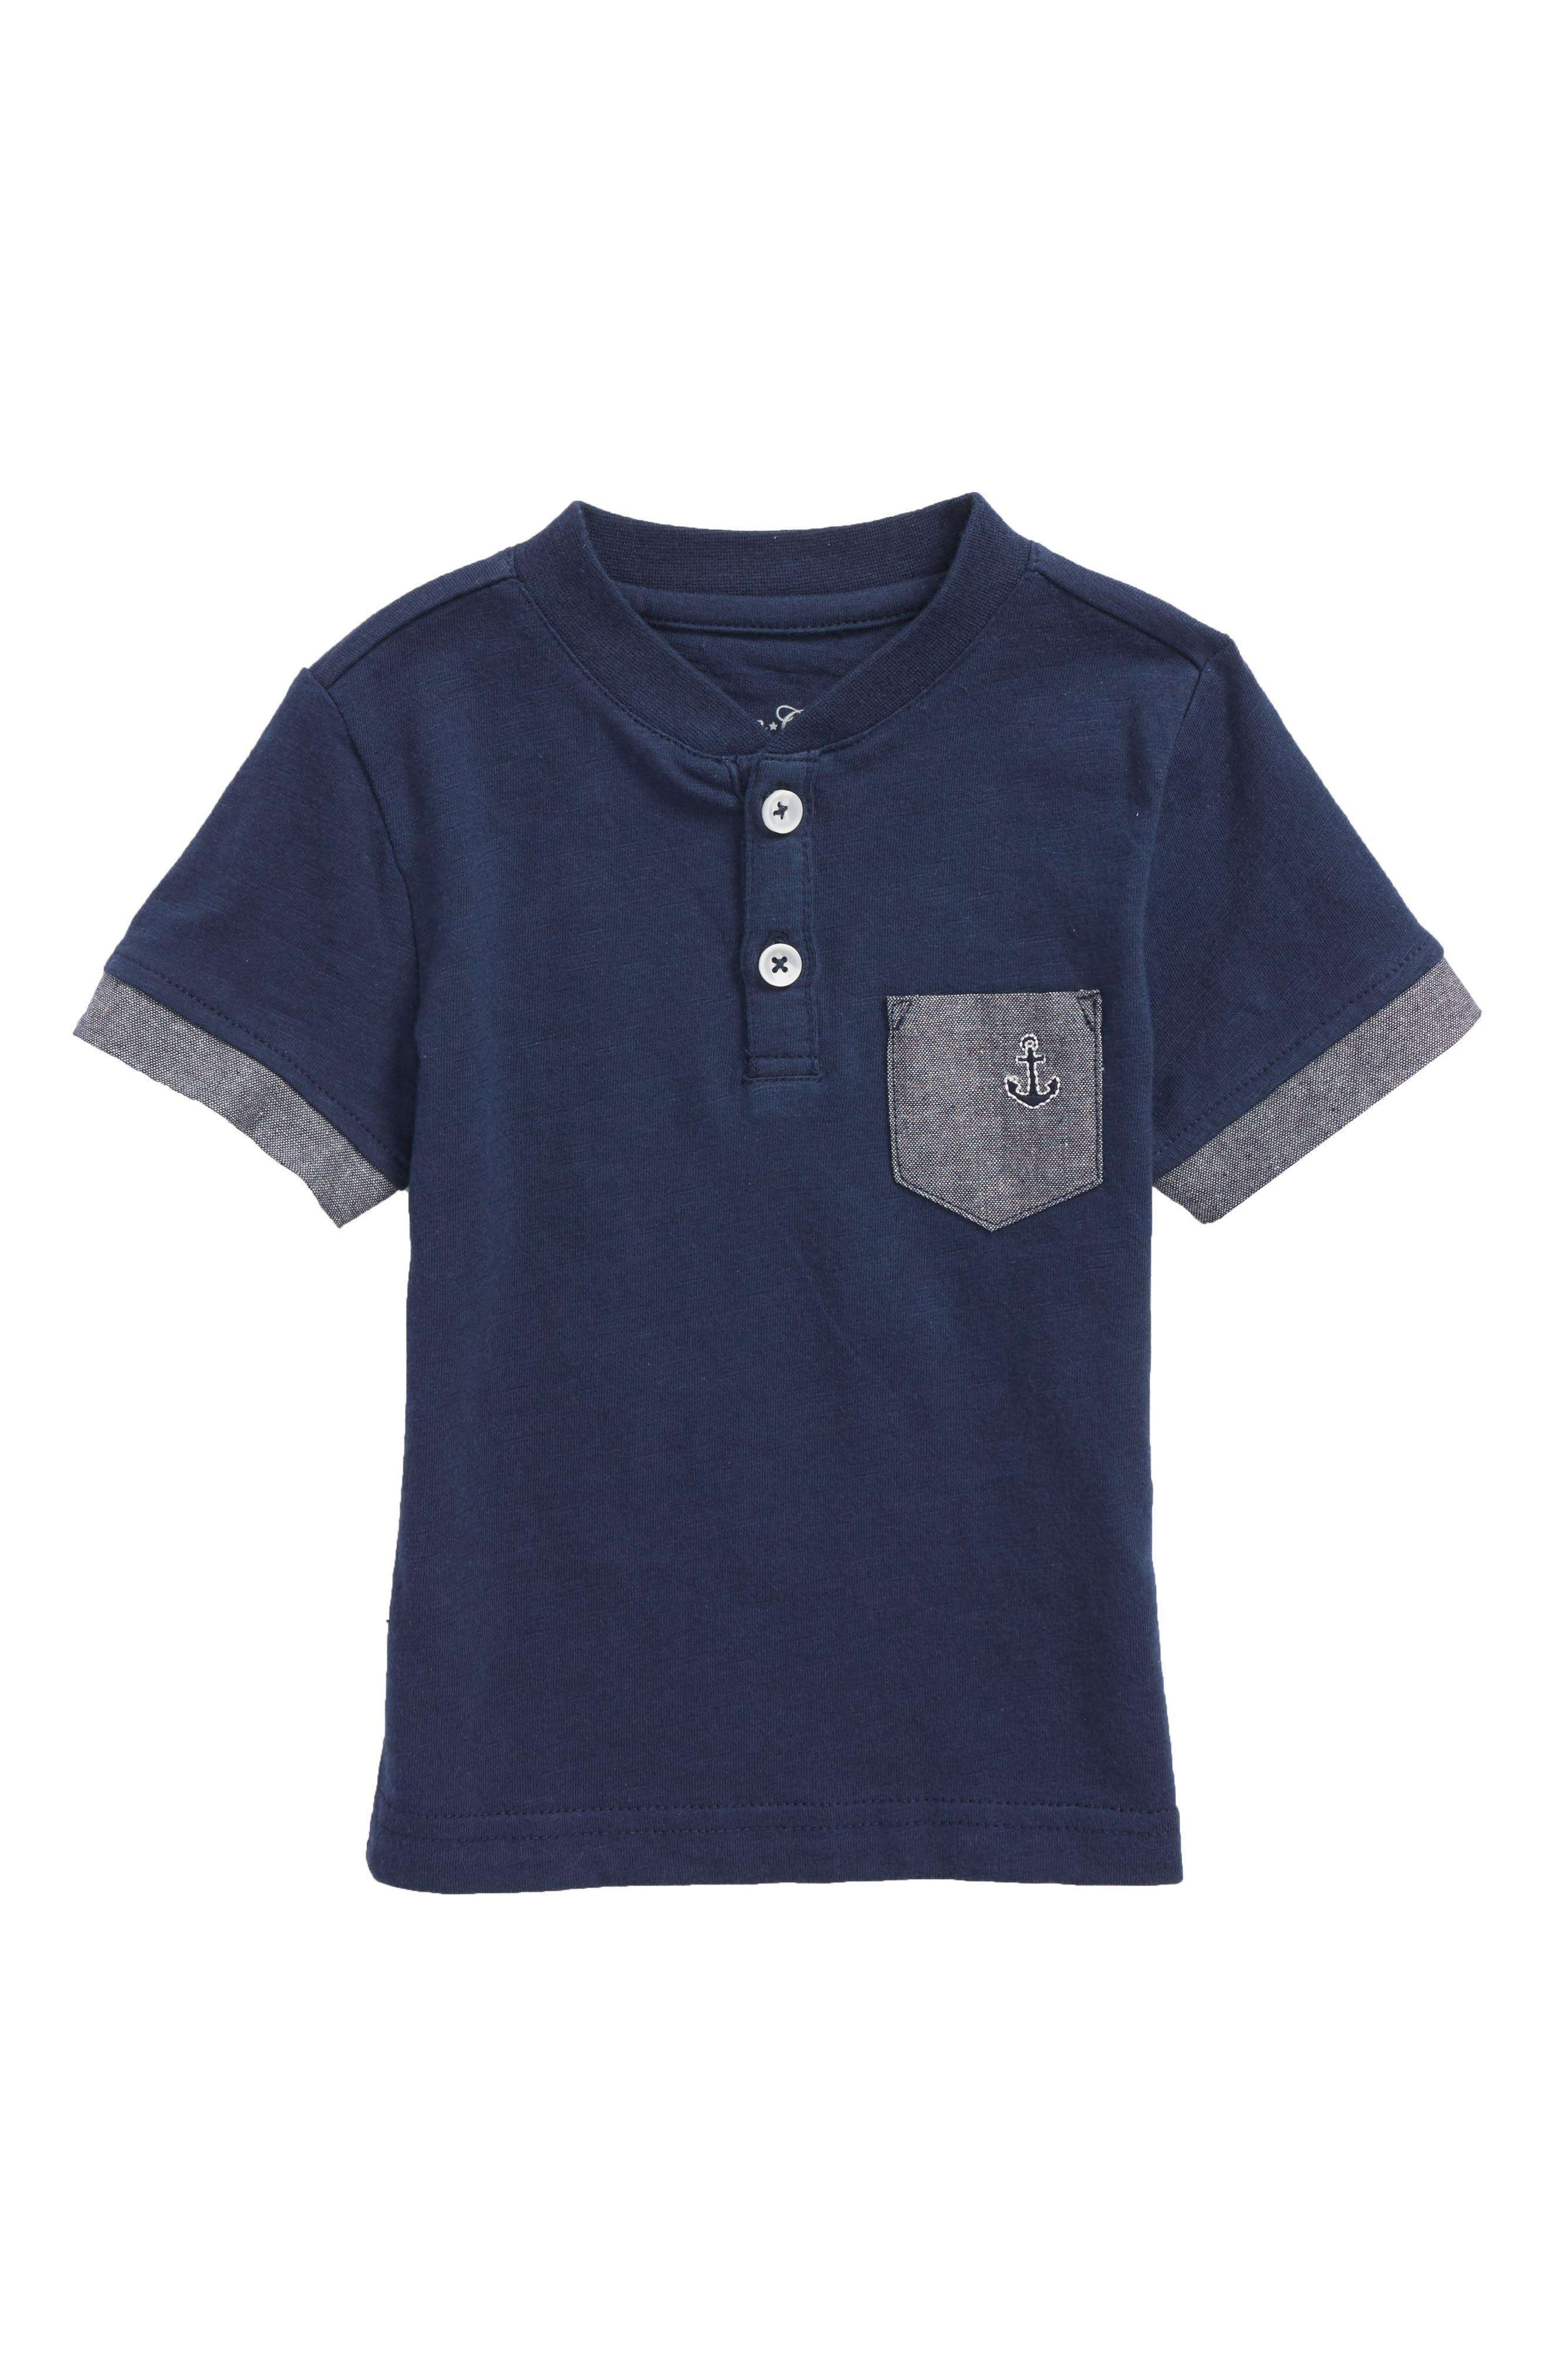 Goodlife T-Shirt,                             Main thumbnail 1, color,                             Navy